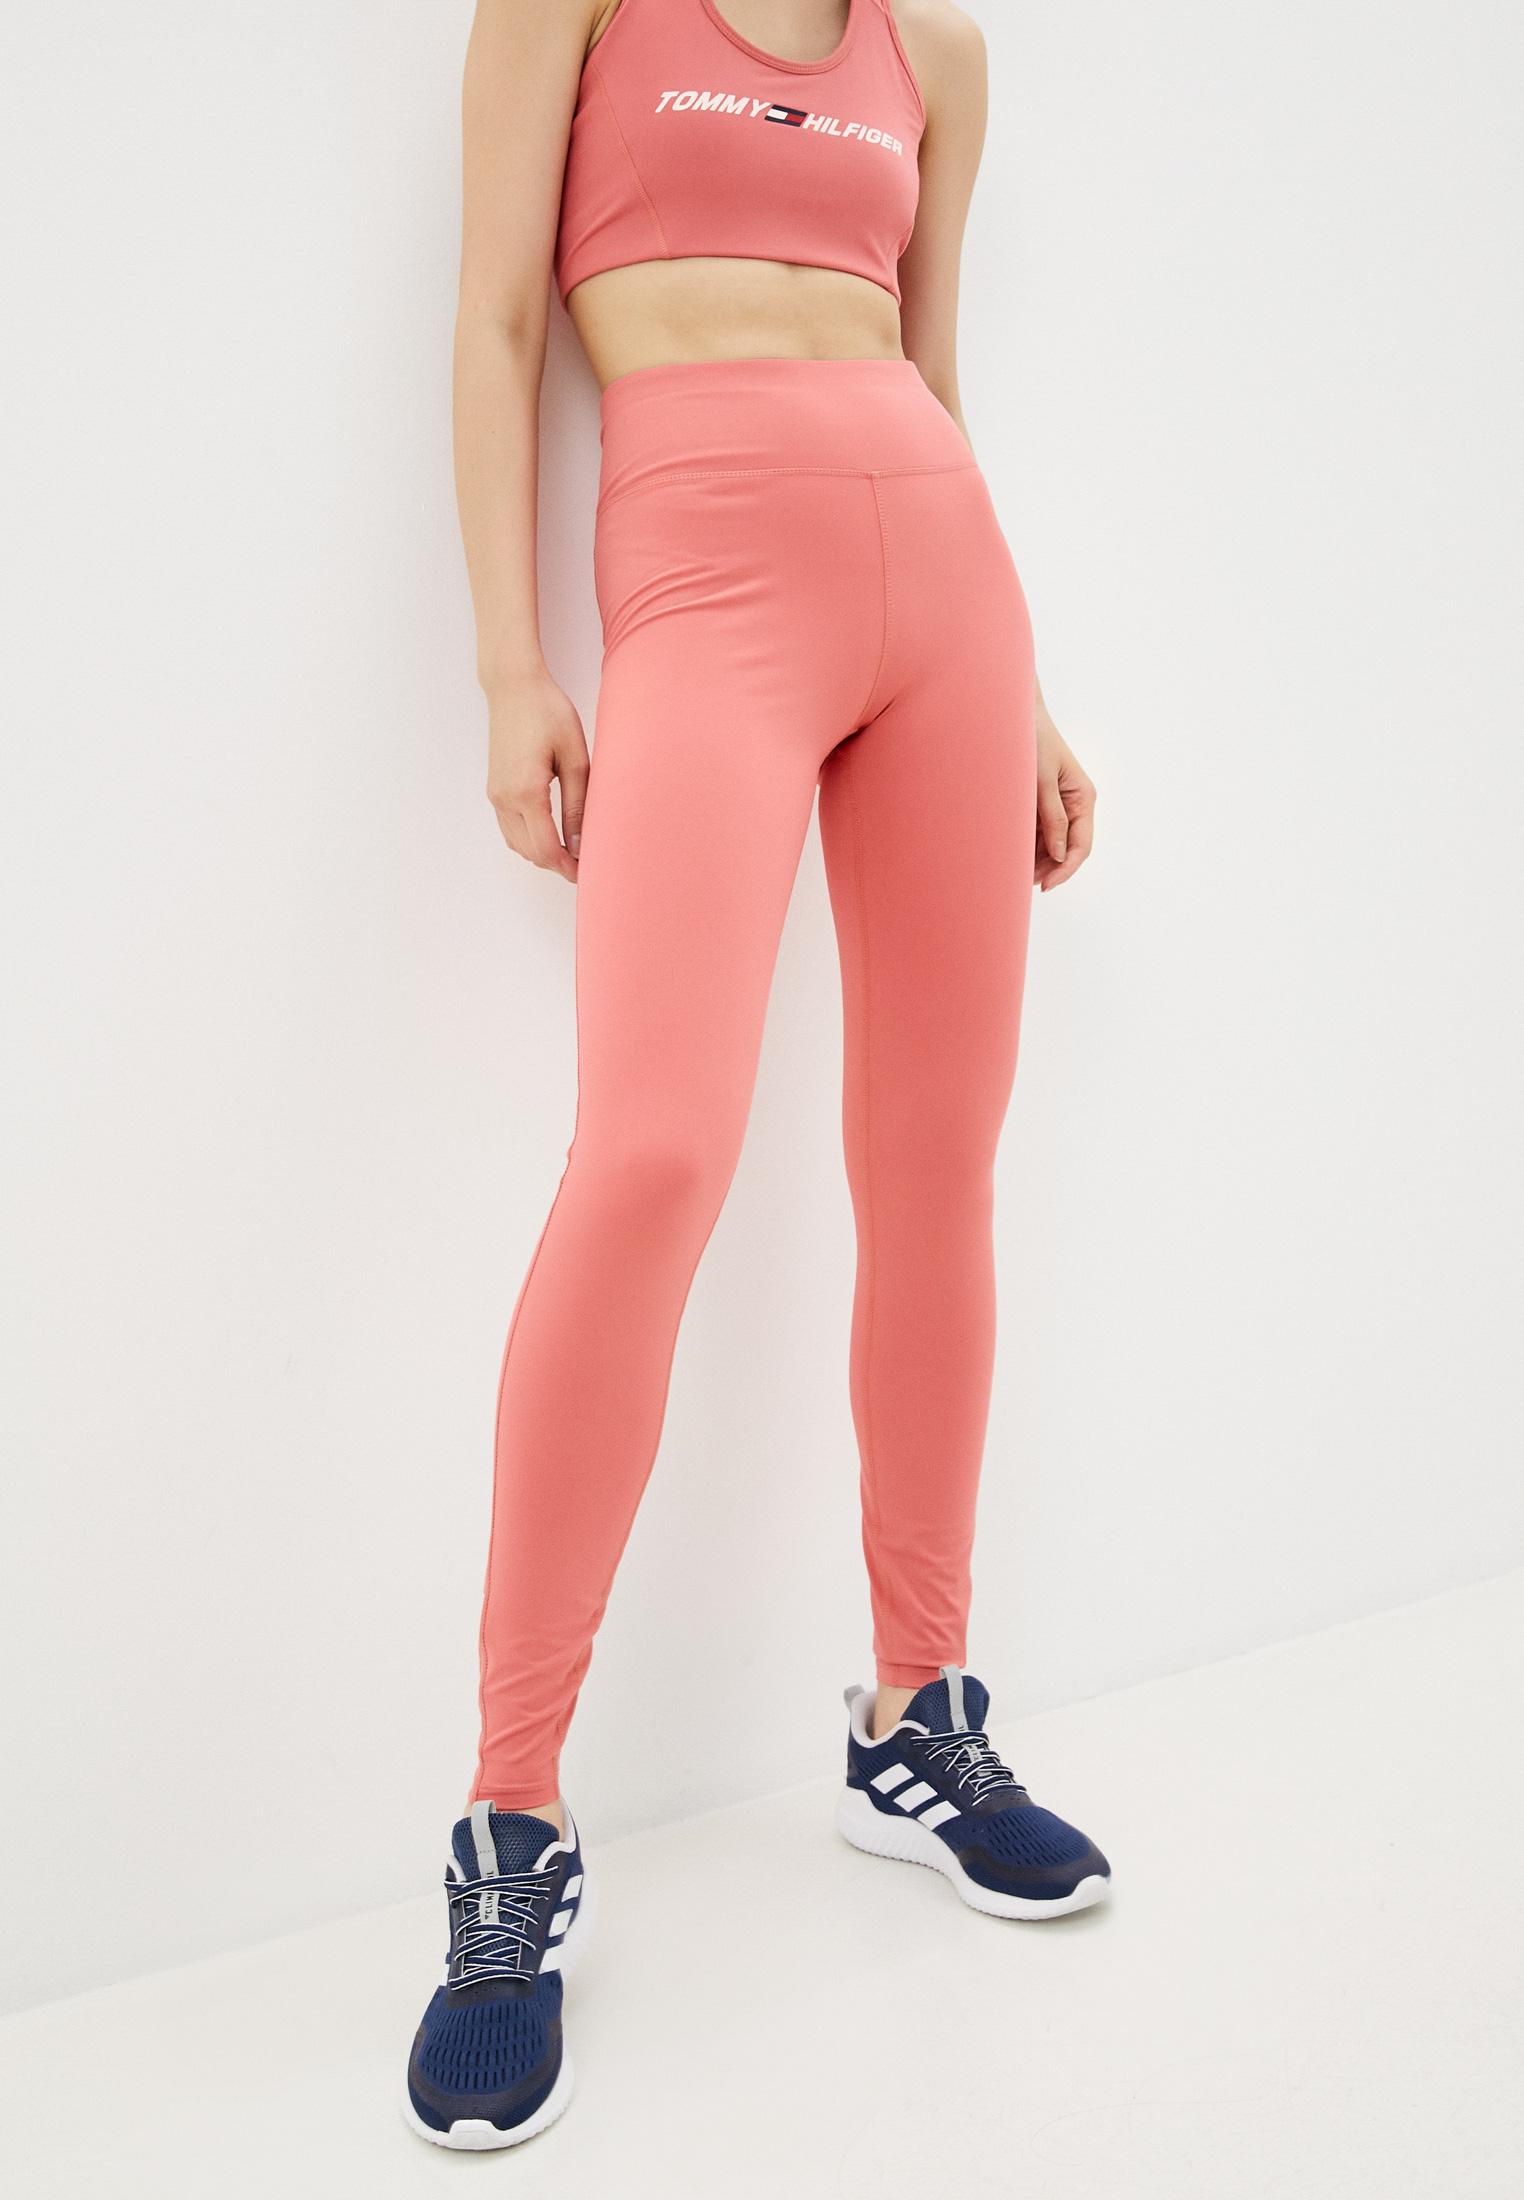 Женские спортивные брюки Tommy Hilfiger (Томми Хилфигер) Тайтсы Tommy Hilfiger